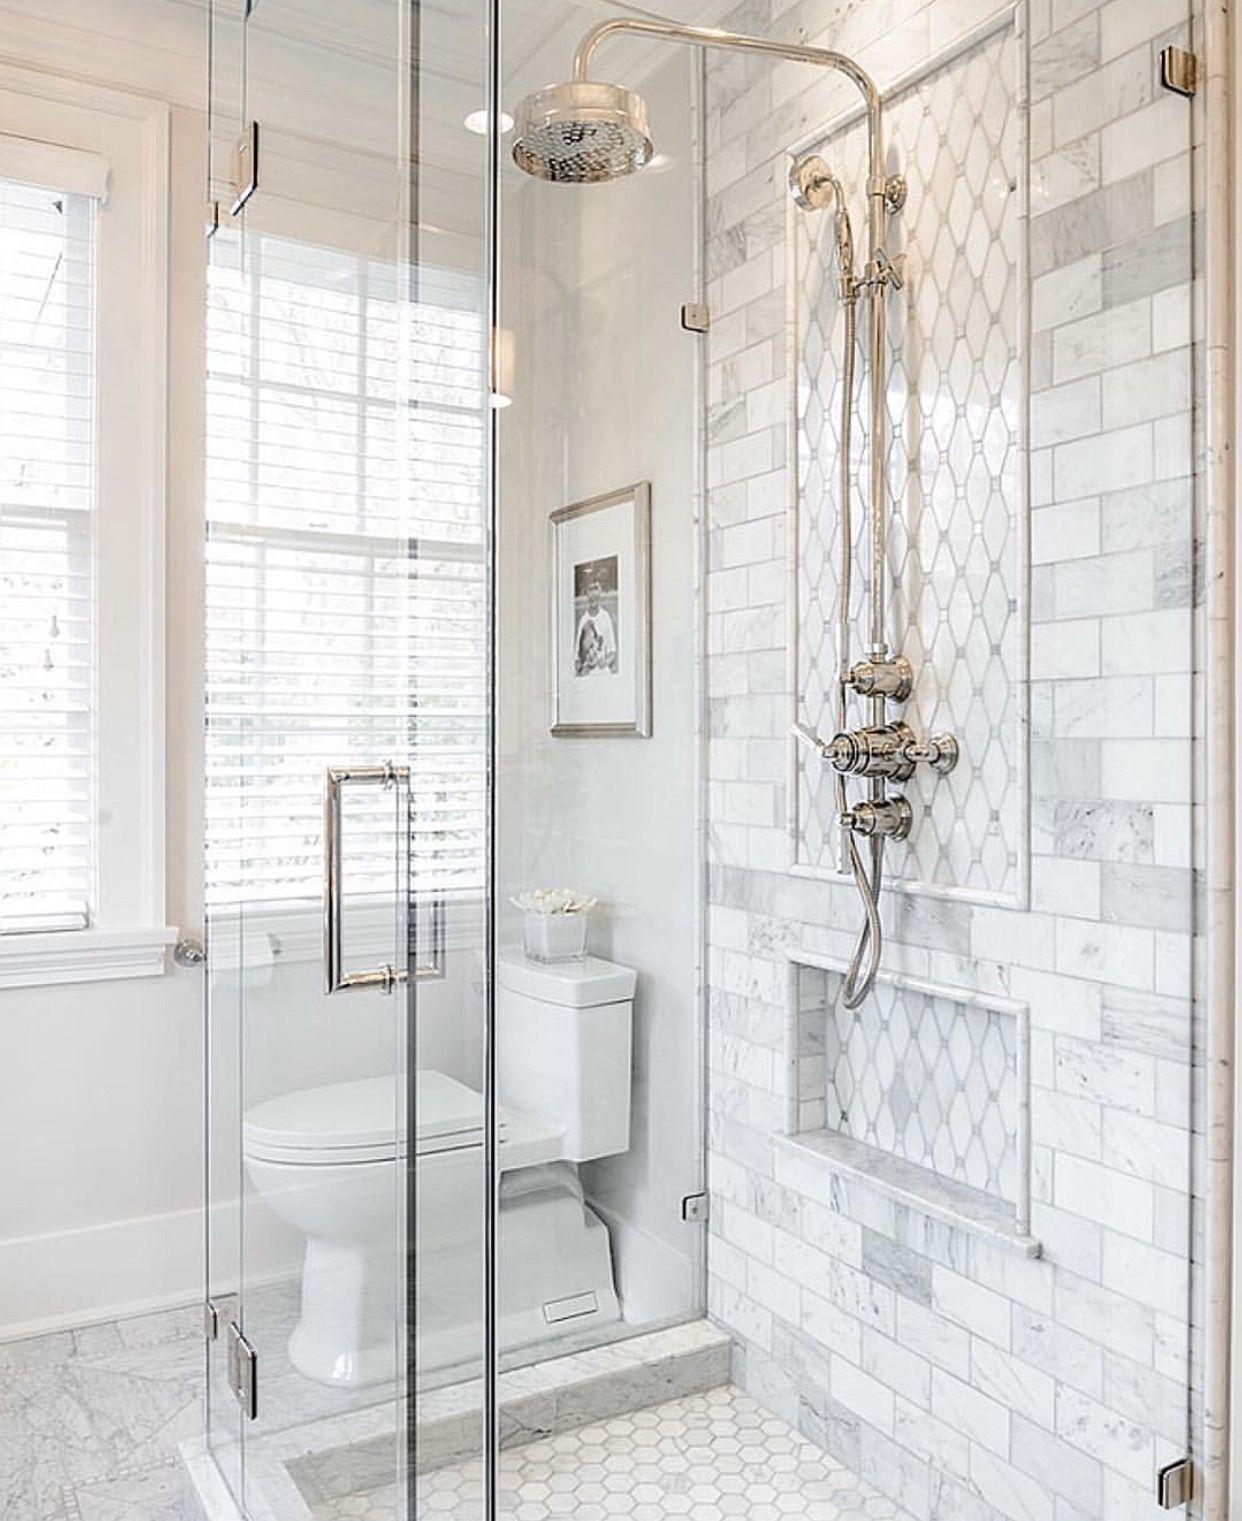 Pin von LouAnne Metzger auf bathroom ideas | Pinterest | Luxus